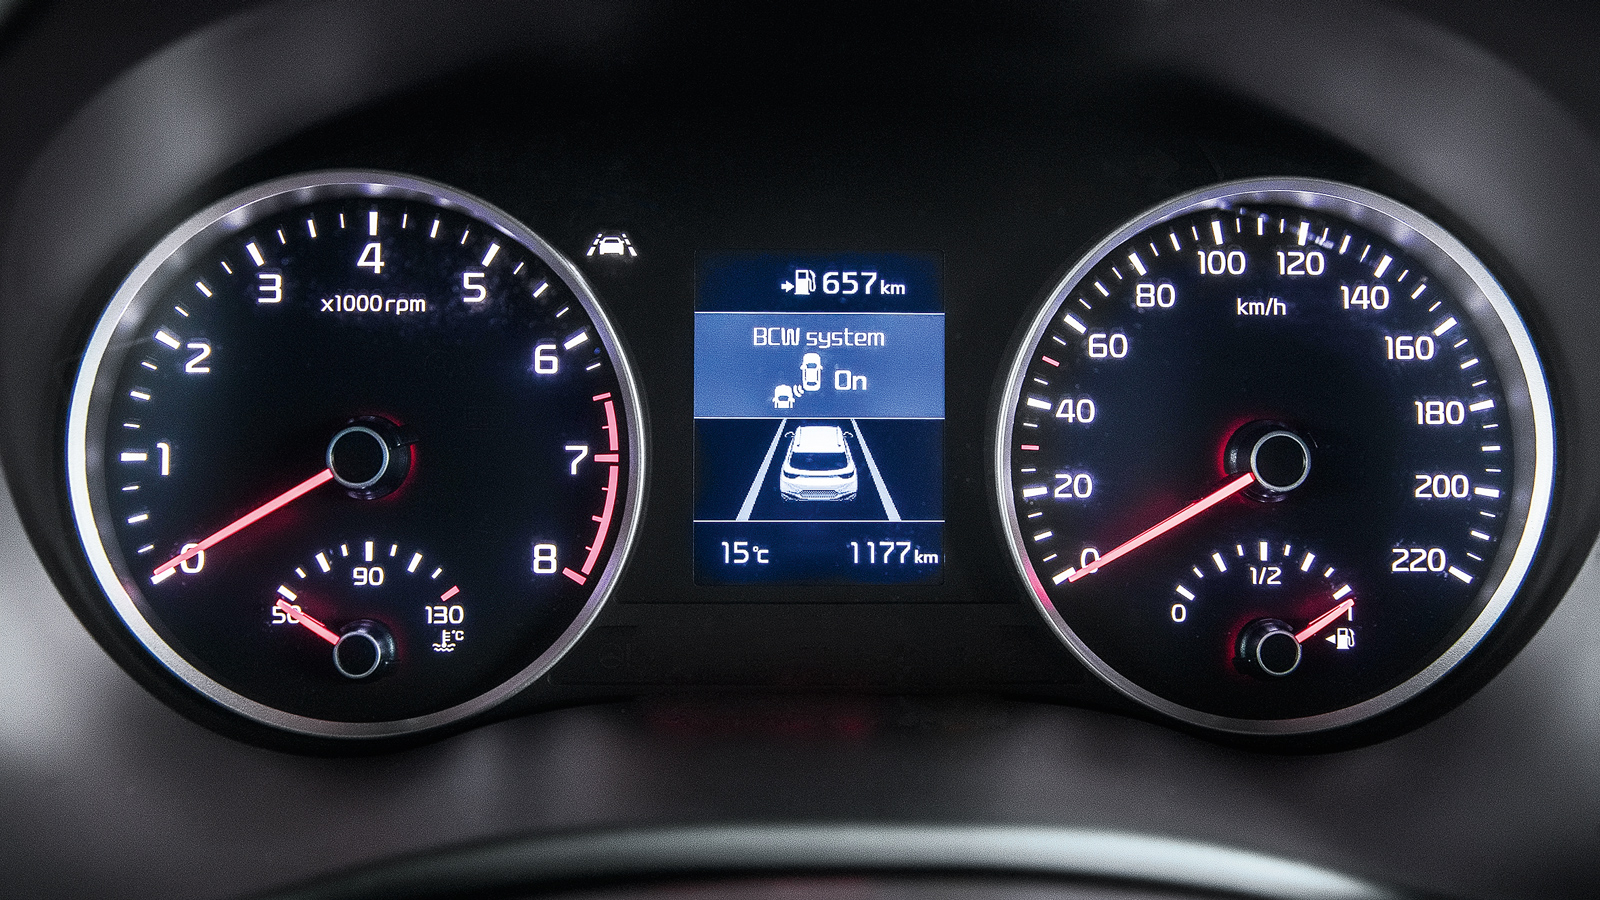 Segundo a fábrica, o SUV acelera de 0 a 100Km/h em 10,3 segundos